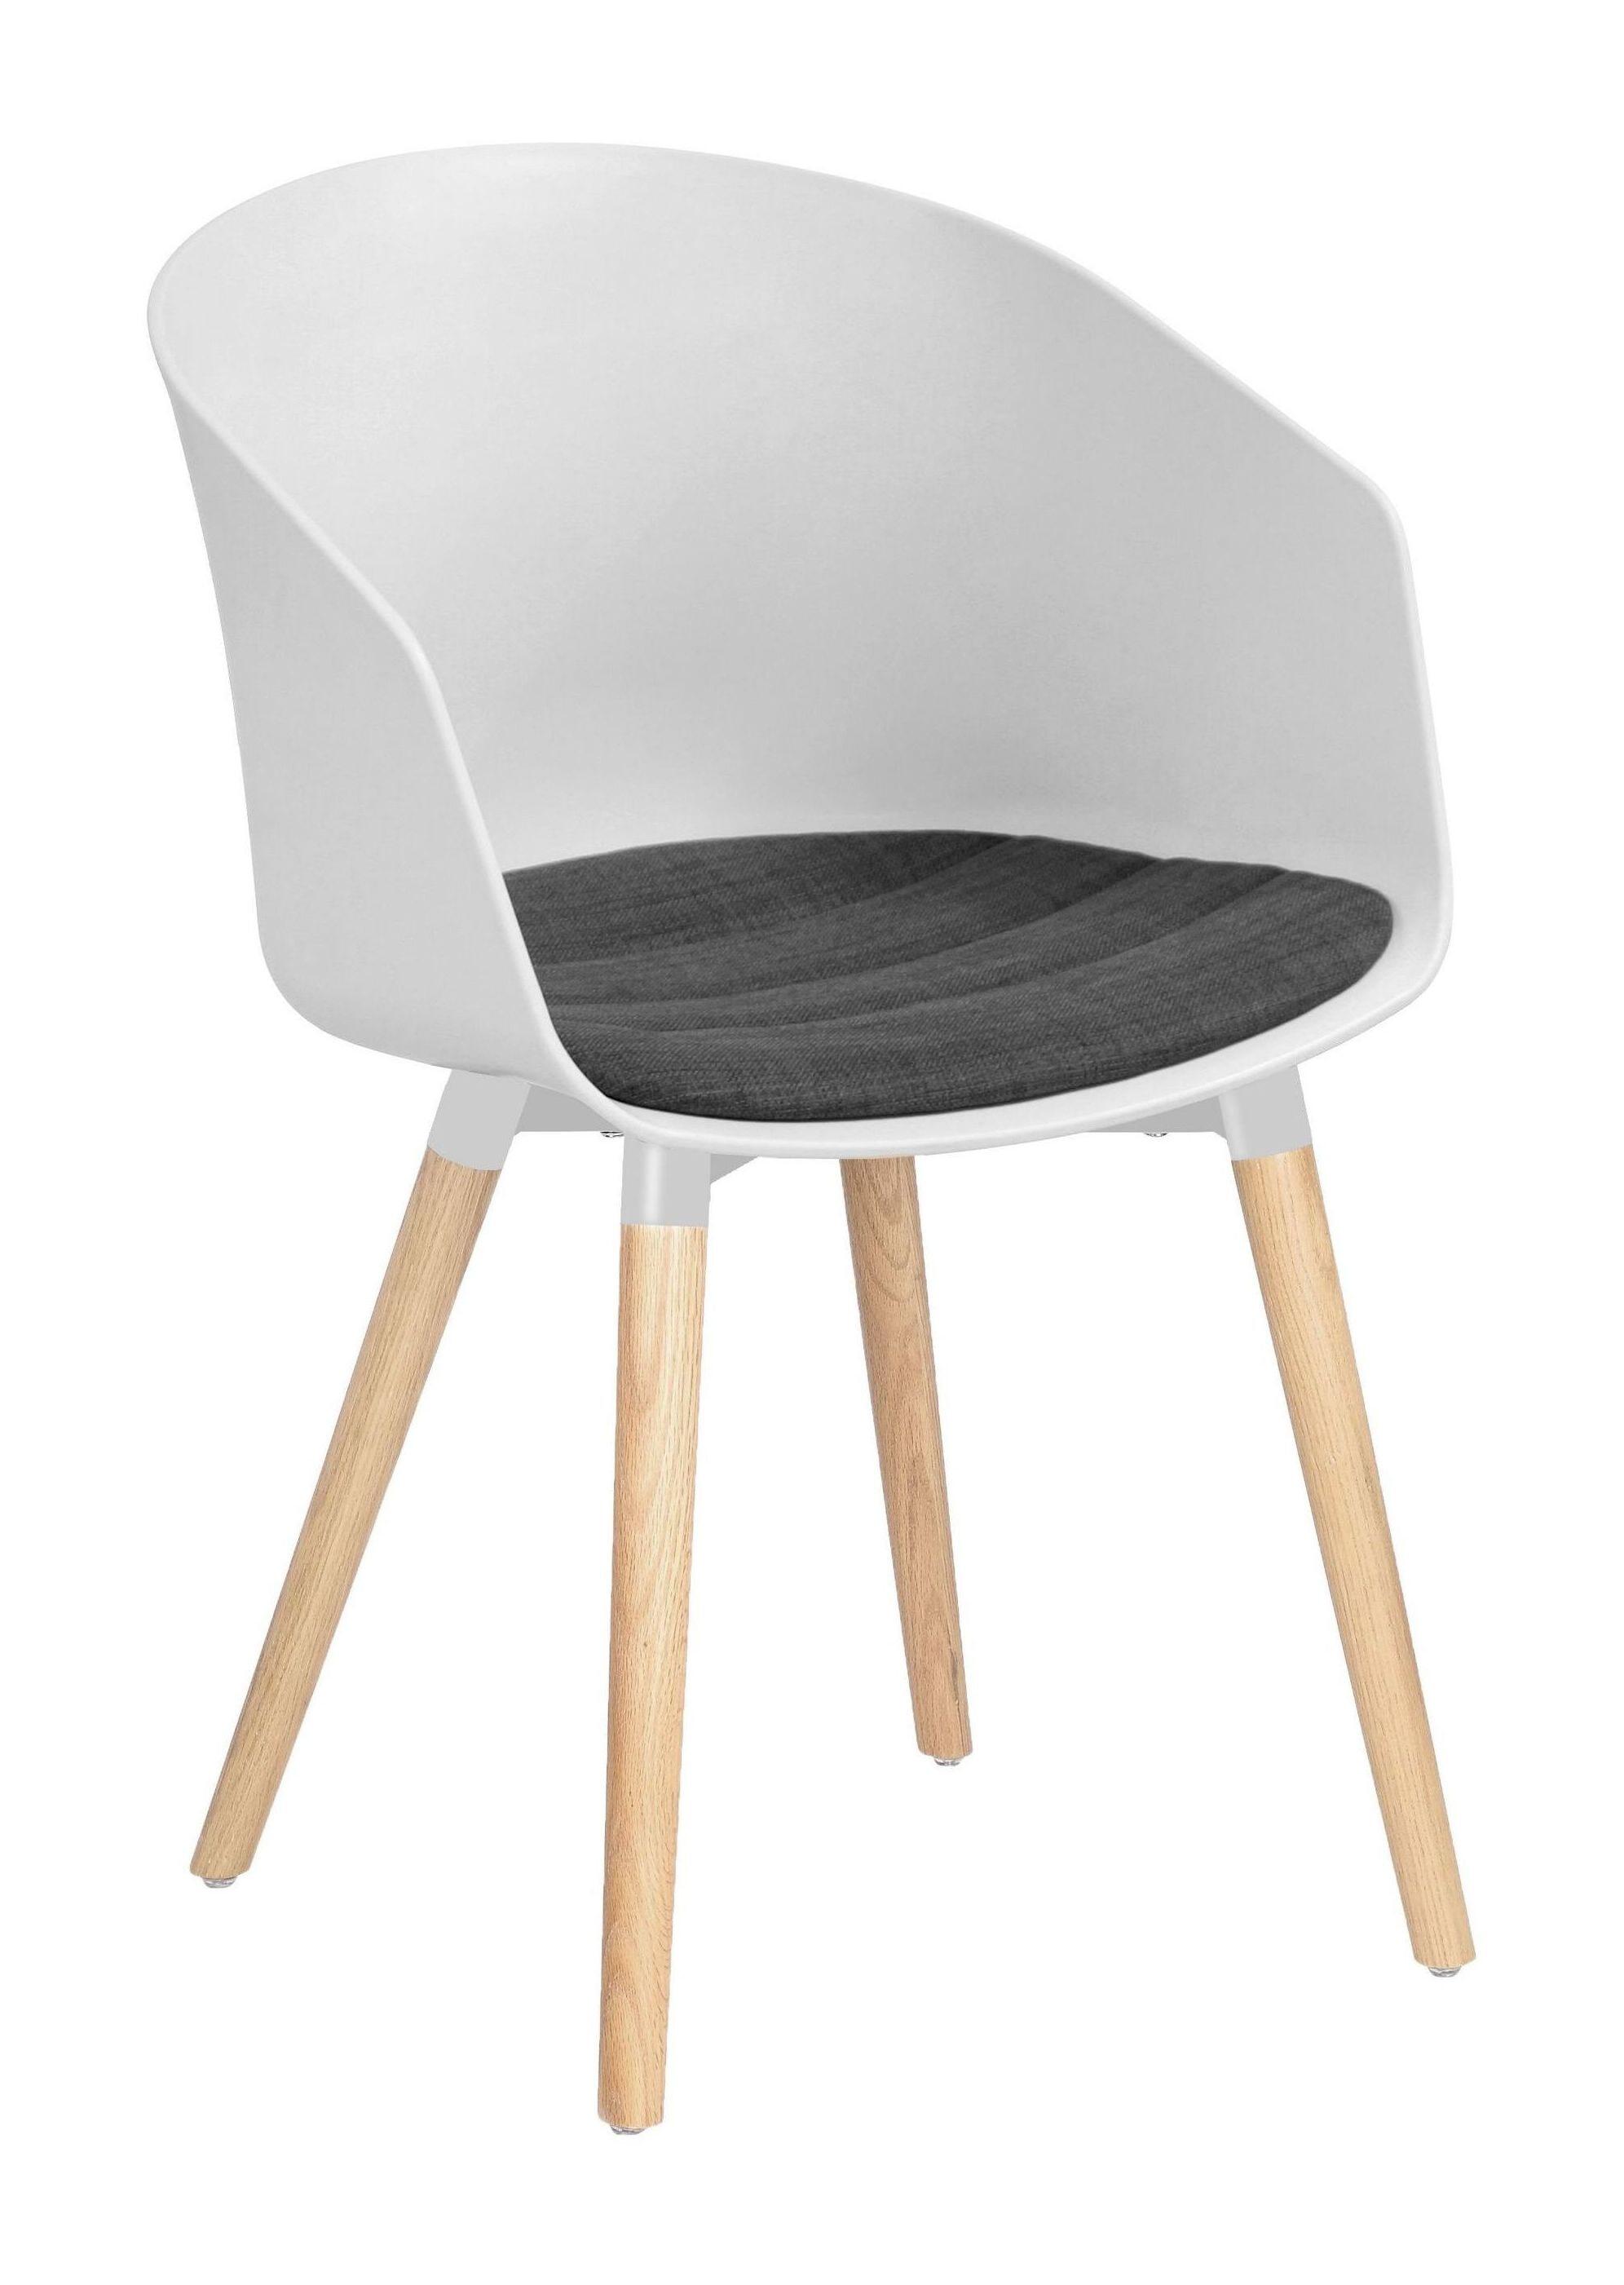 Interstil Eetkamerstoel 'Moon' houtlook, kleur wit